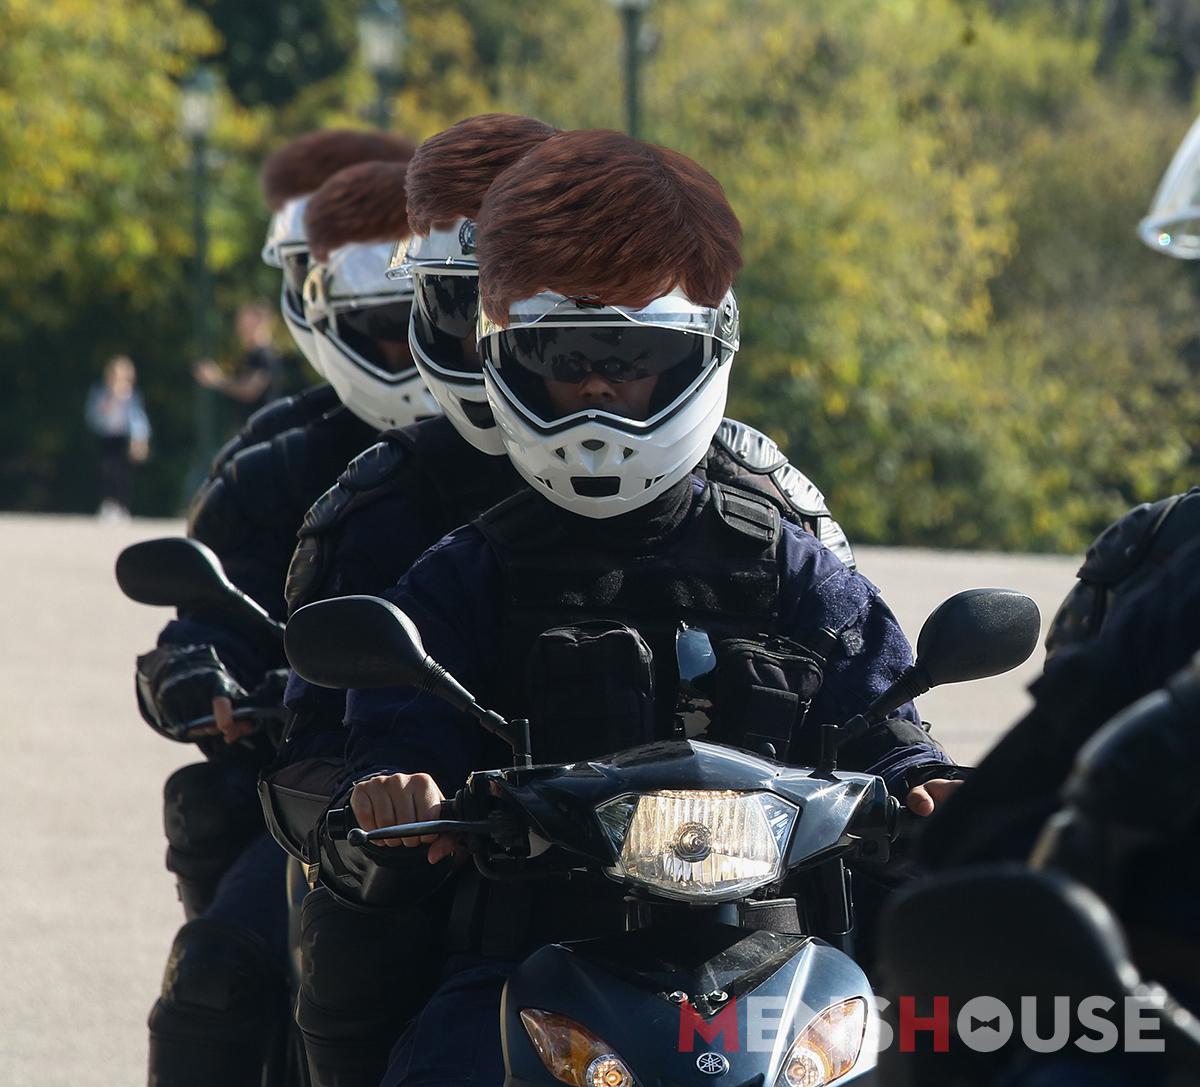 Μένιος Φουρθιώτης: Αυτή είναι η νέα του ειδική φρουρά μετά την απόσυρση των αστυνομικών